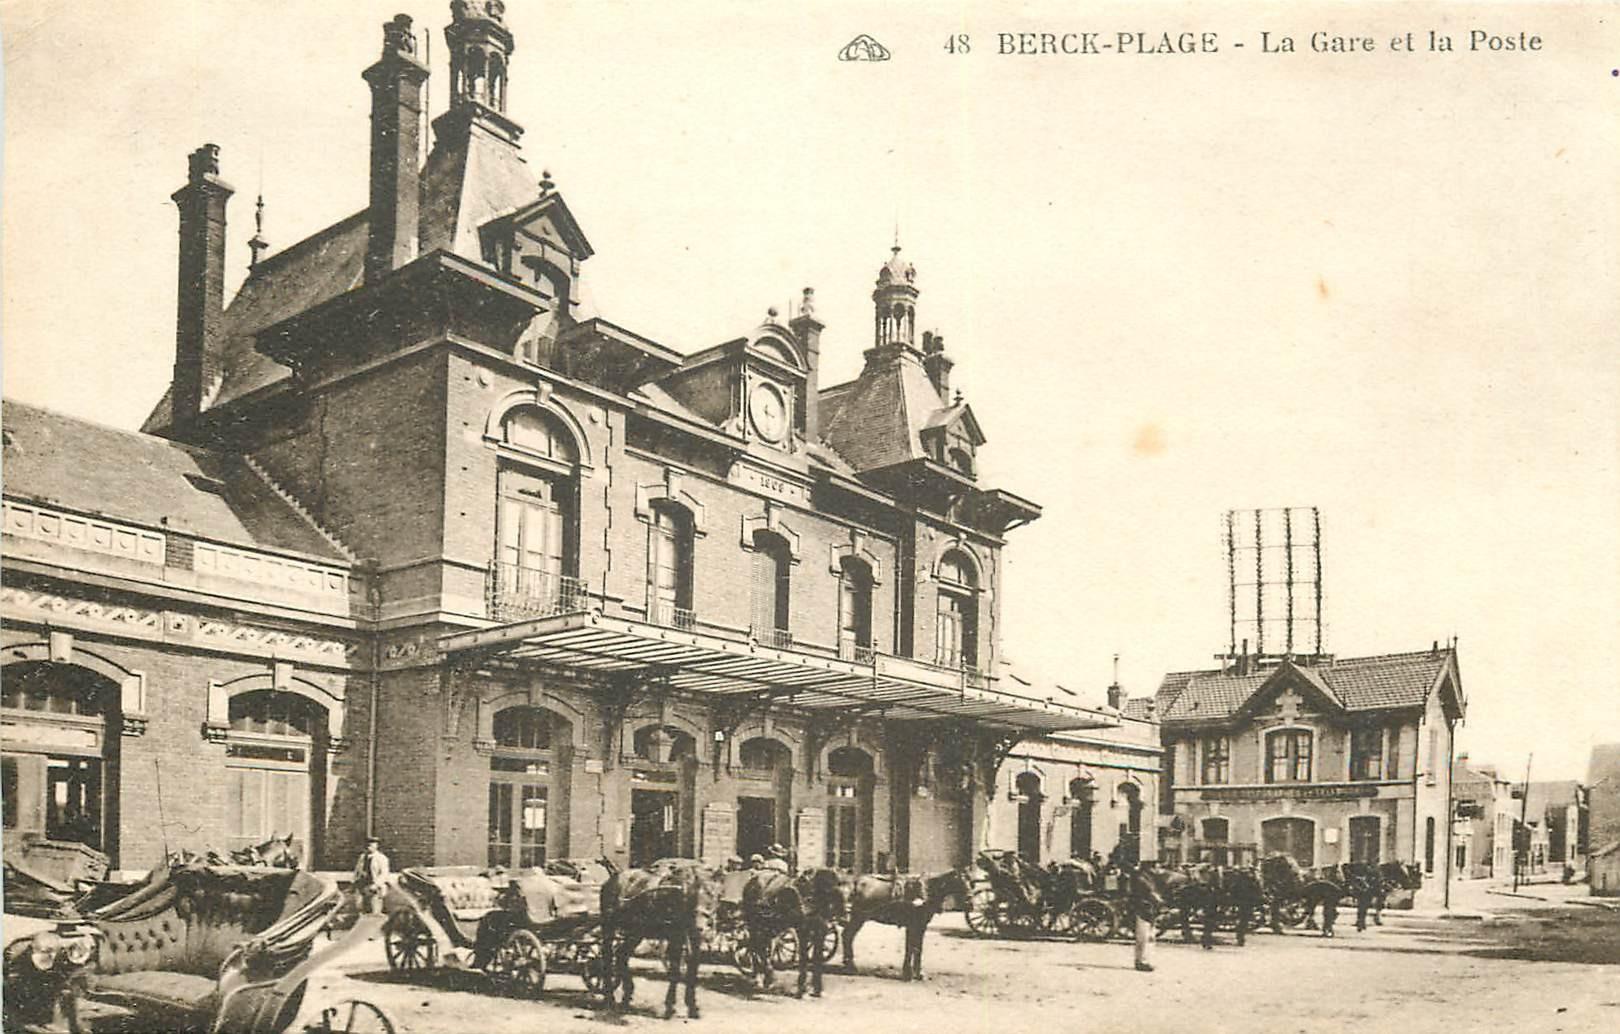 WW 62 BERCK-PLAGE. Attelages devant la Gare et la Poste